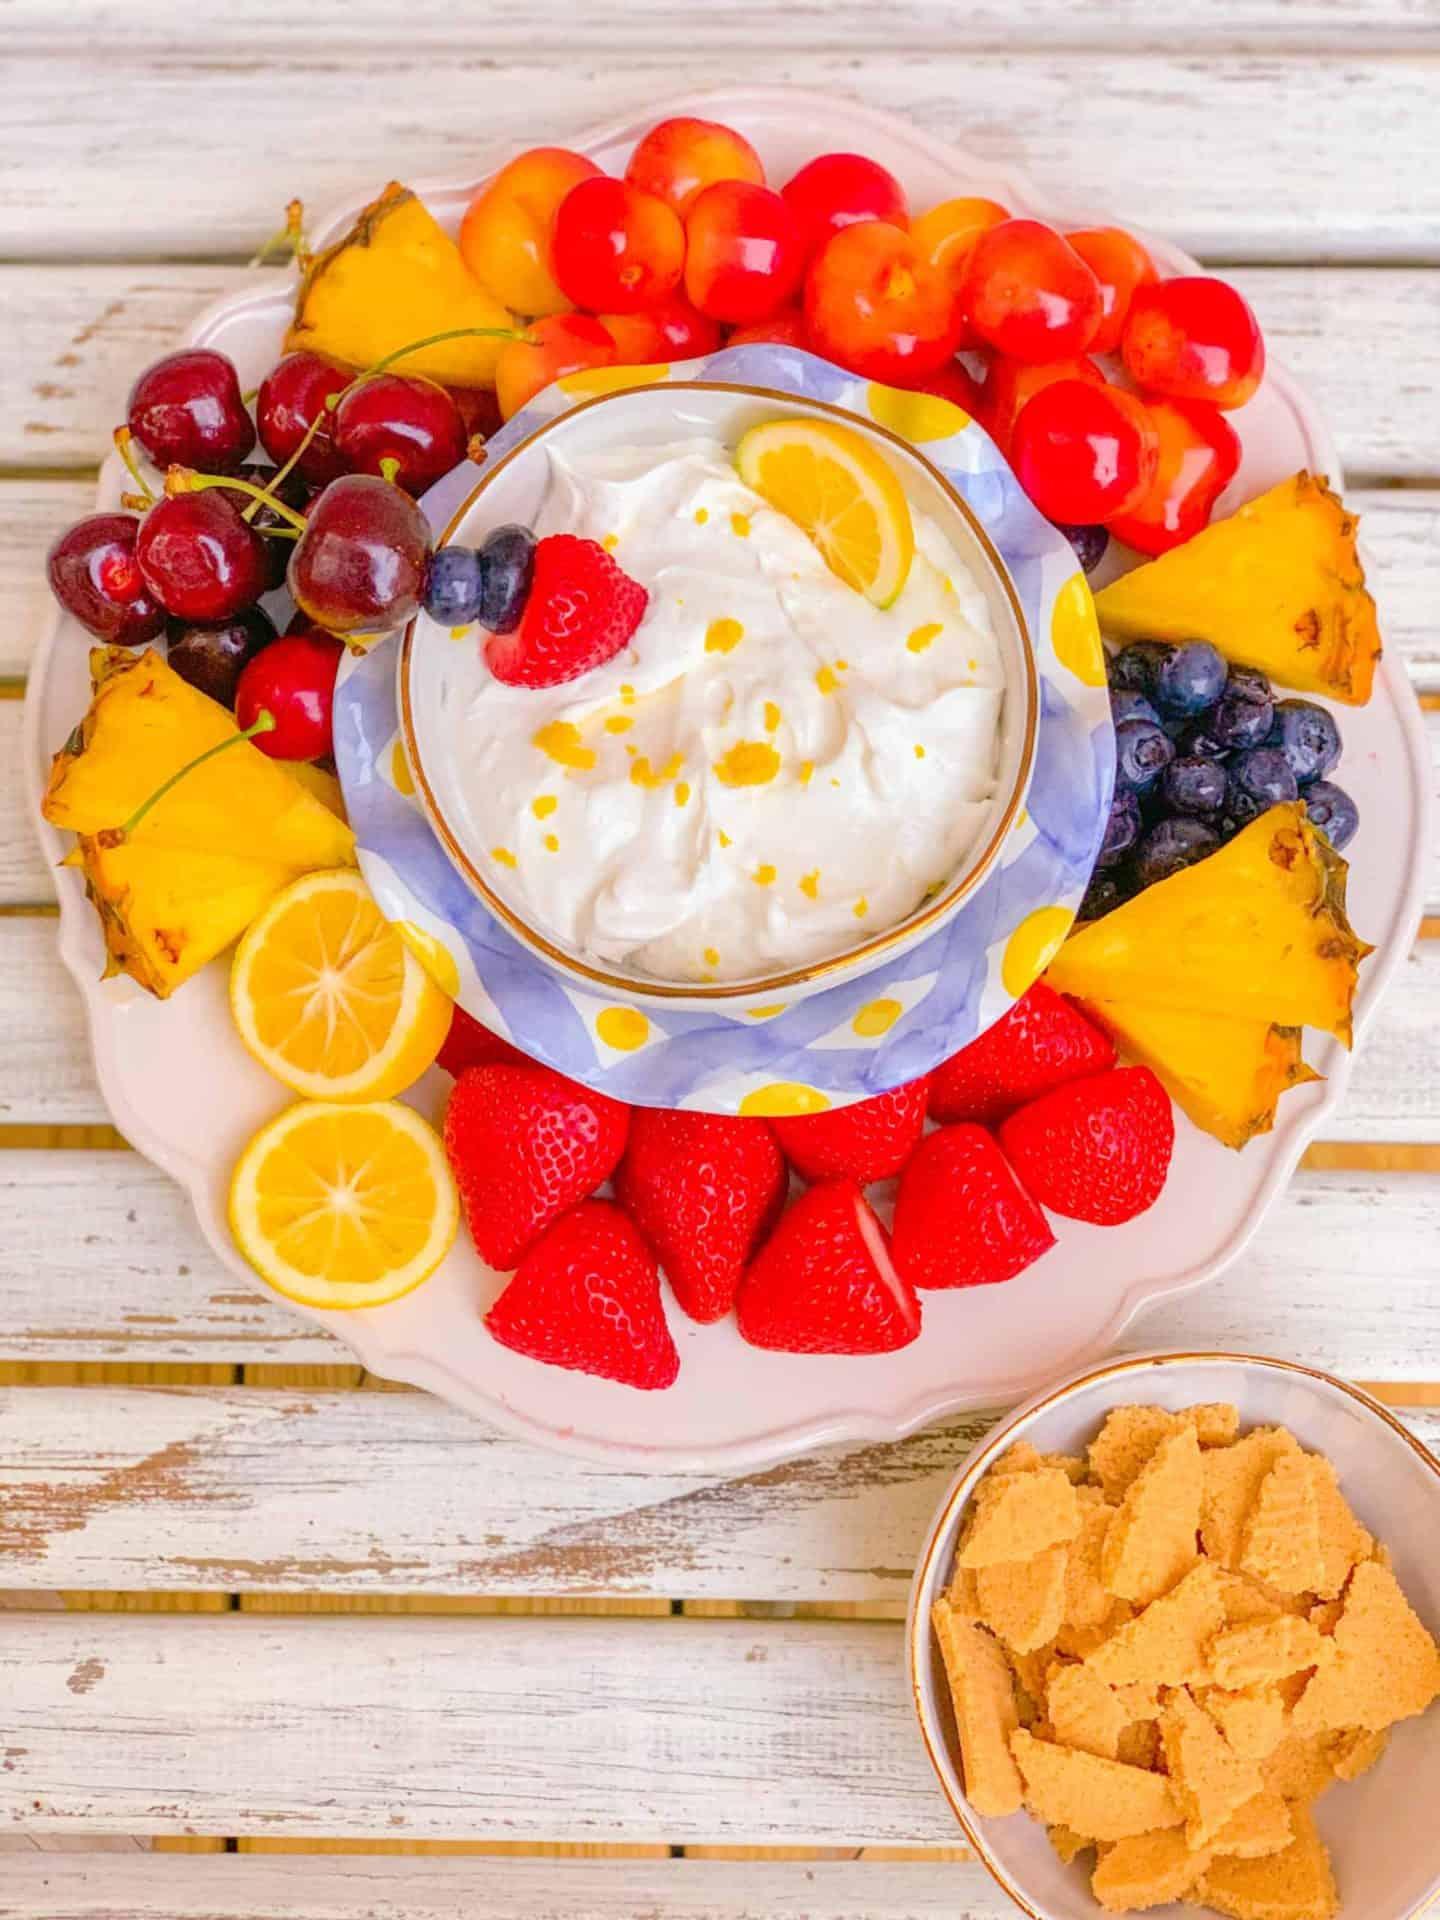 Fruit Platter & Homemade Lemon Fruit Dip